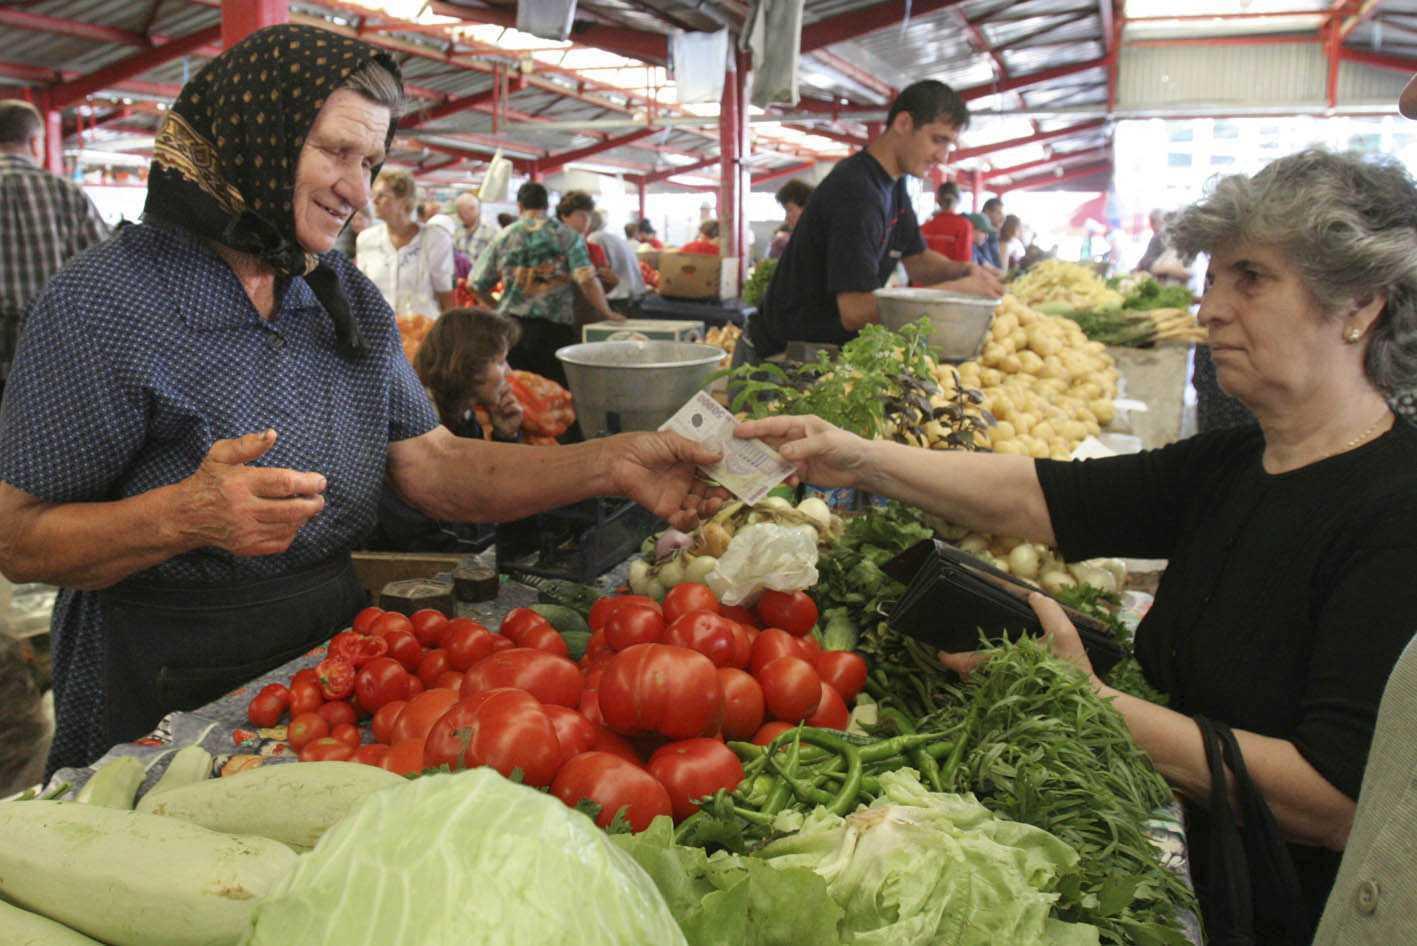 piata-fructe-legume-rosii-001